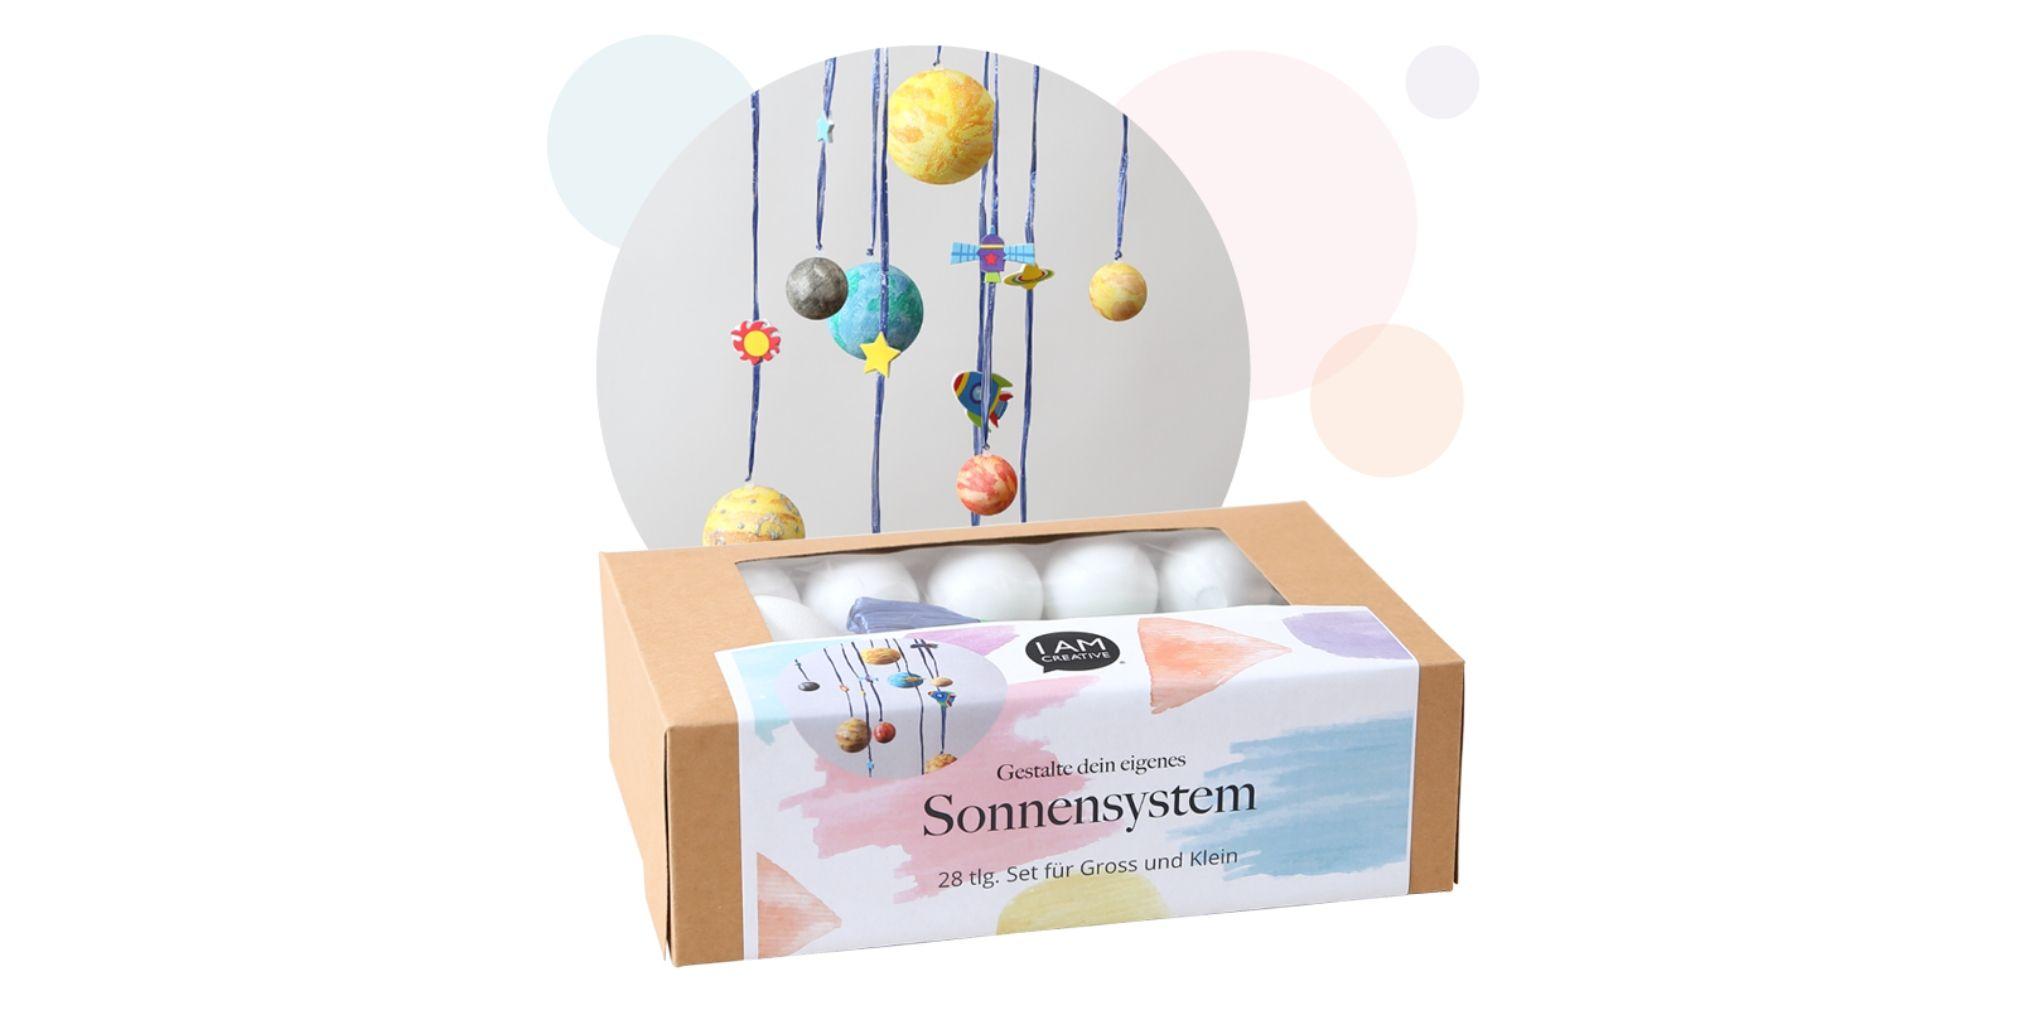 Bastelbox fürs eigene Sonnensystem